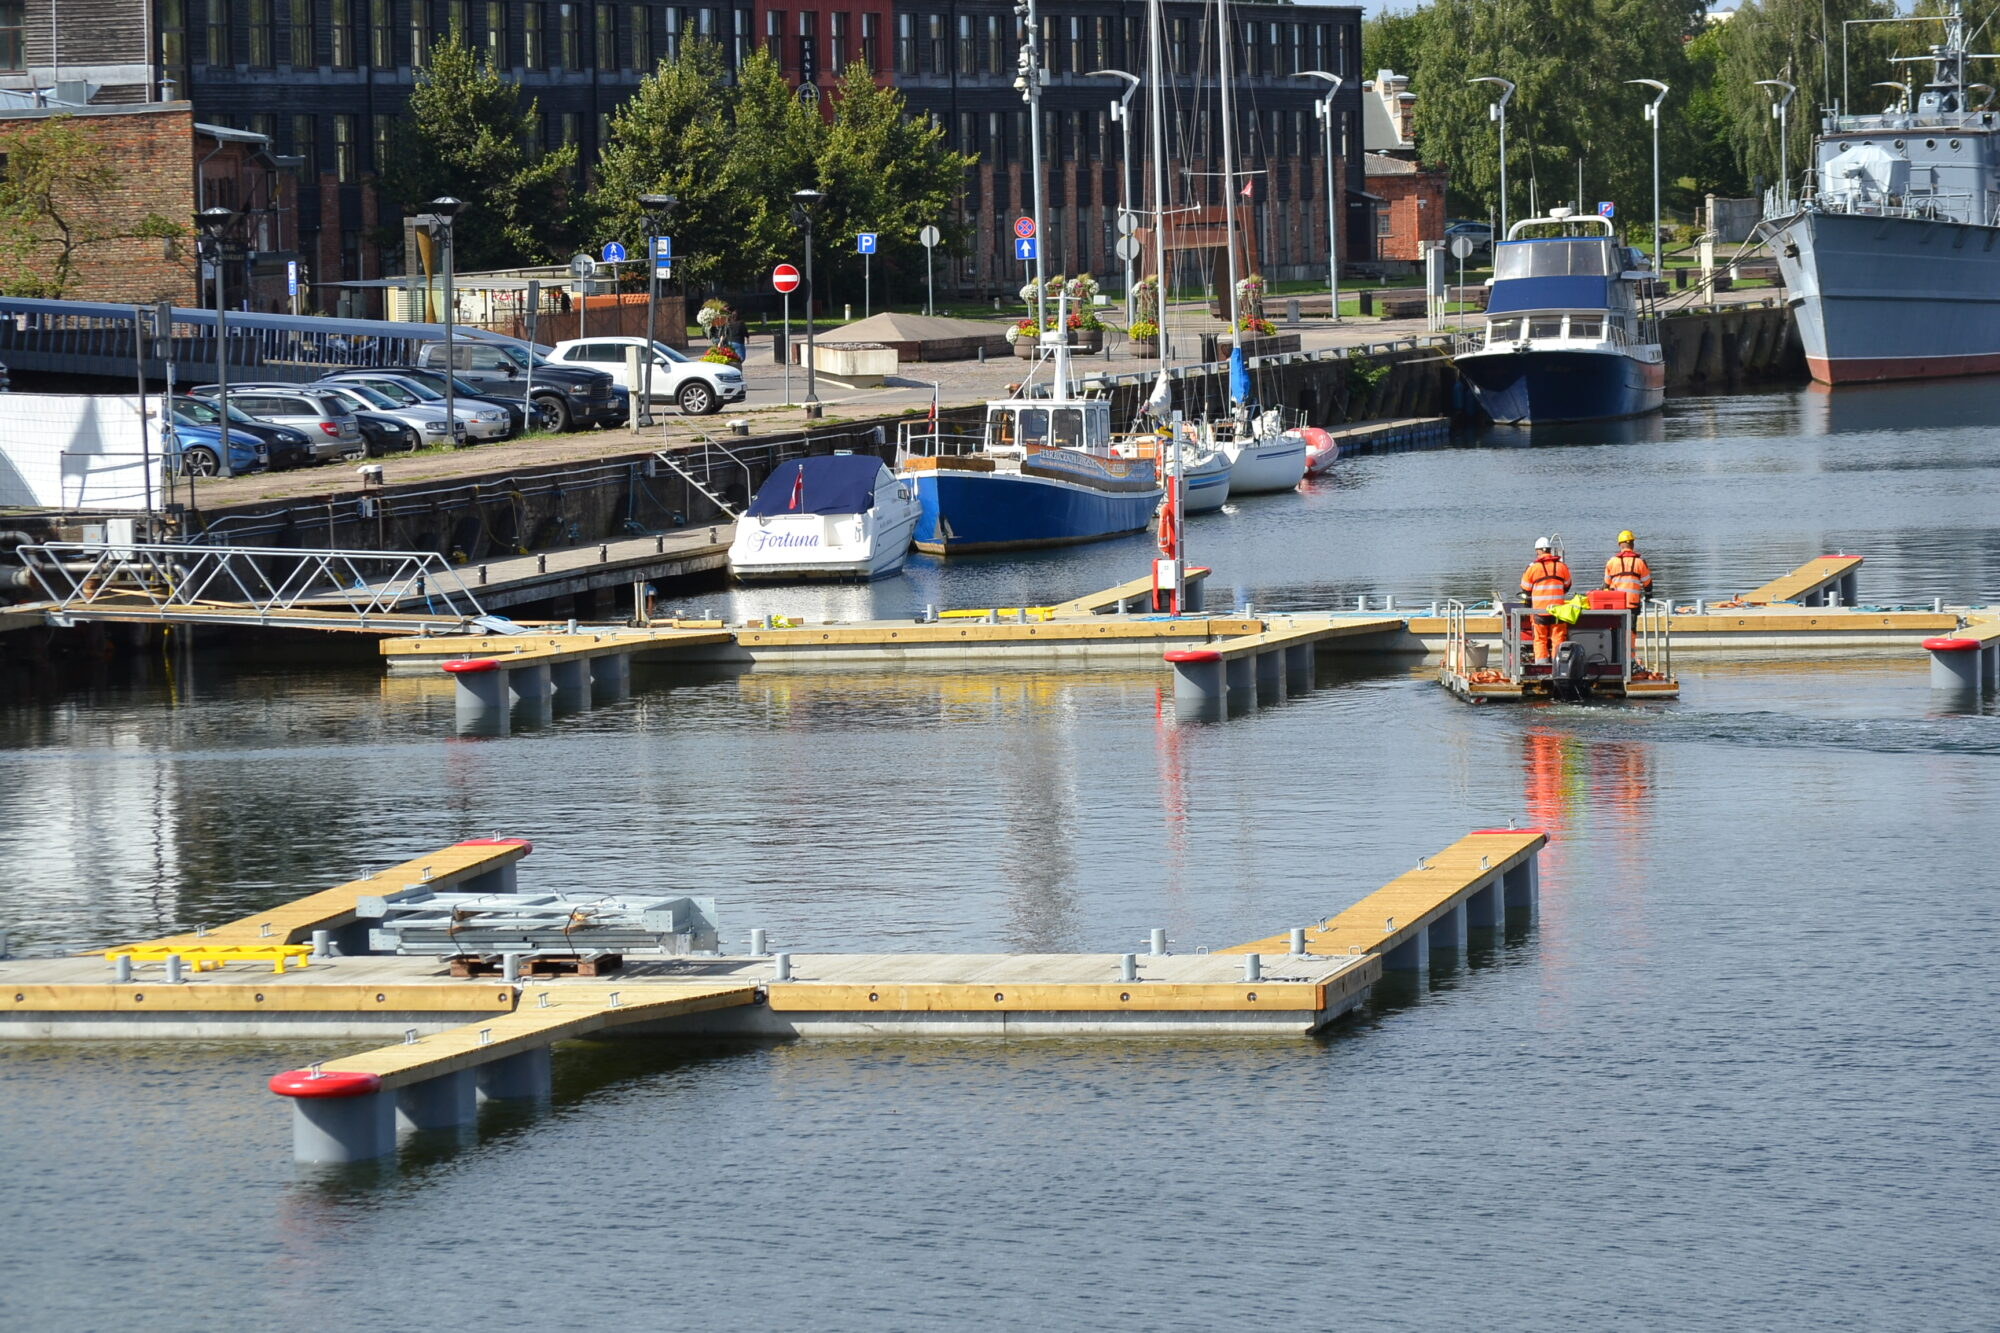 Яхтенный порт обретает новые очертания